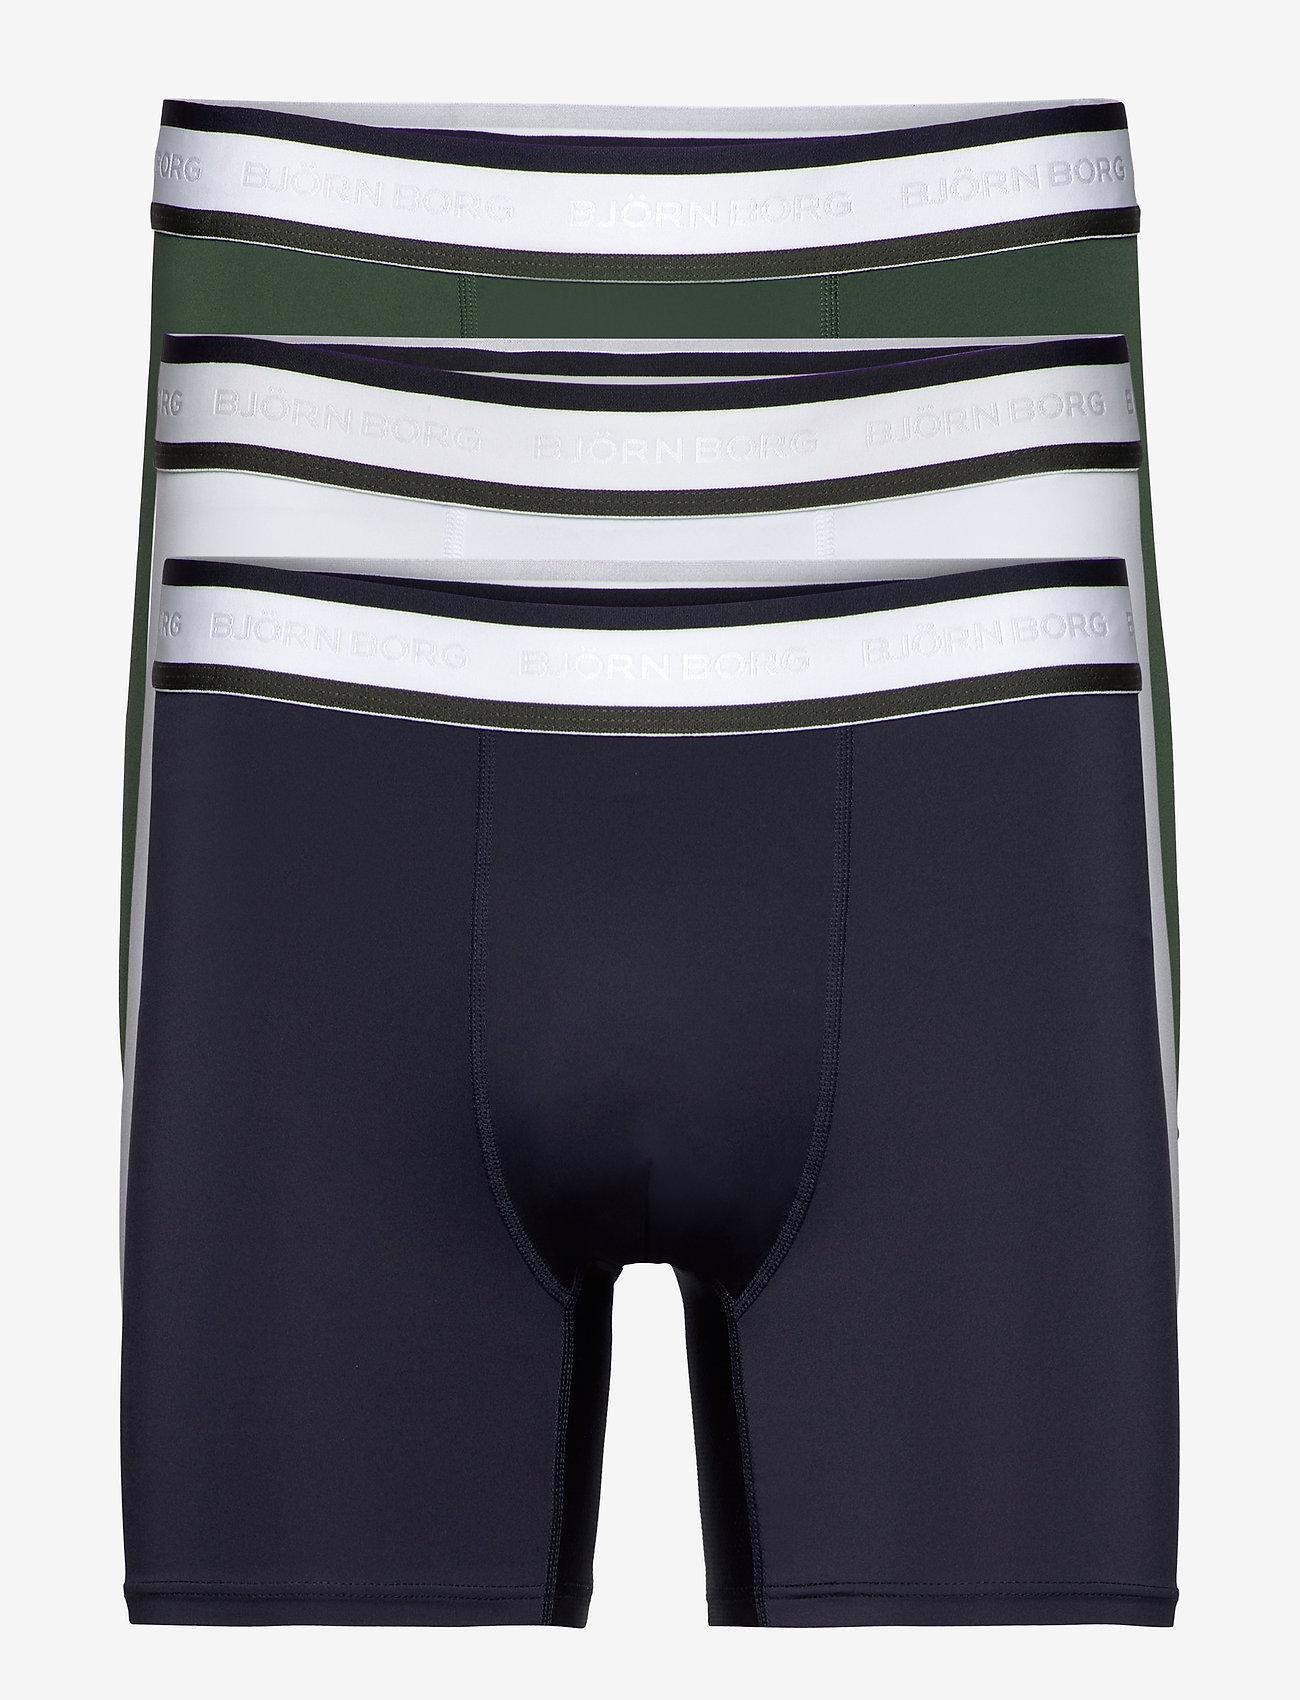 Björn Borg - SHORTS PHILIP BB TENNIS SOLIDS - underwear - sycamore - 0